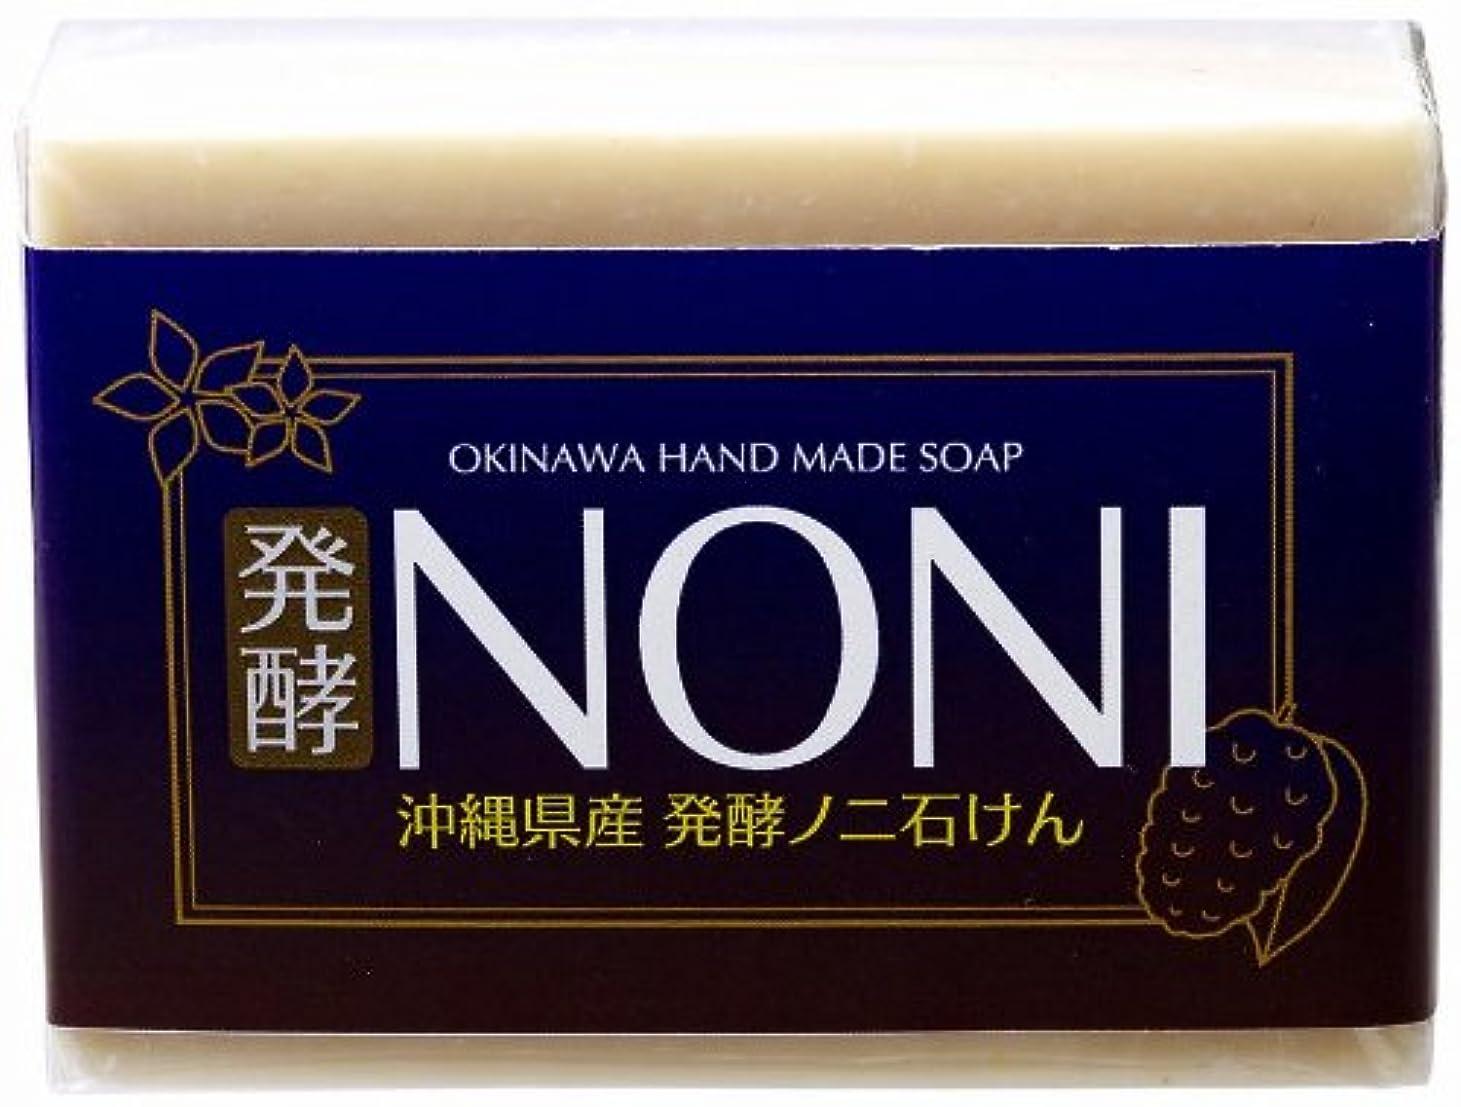 軽く忘れる落ち着かない沖縄 手作り ナチュラル洗顔 NONI石鹸 100g×4個 GreenEarth 発酵ノニを使用した保湿力の高いナチュラルソープ